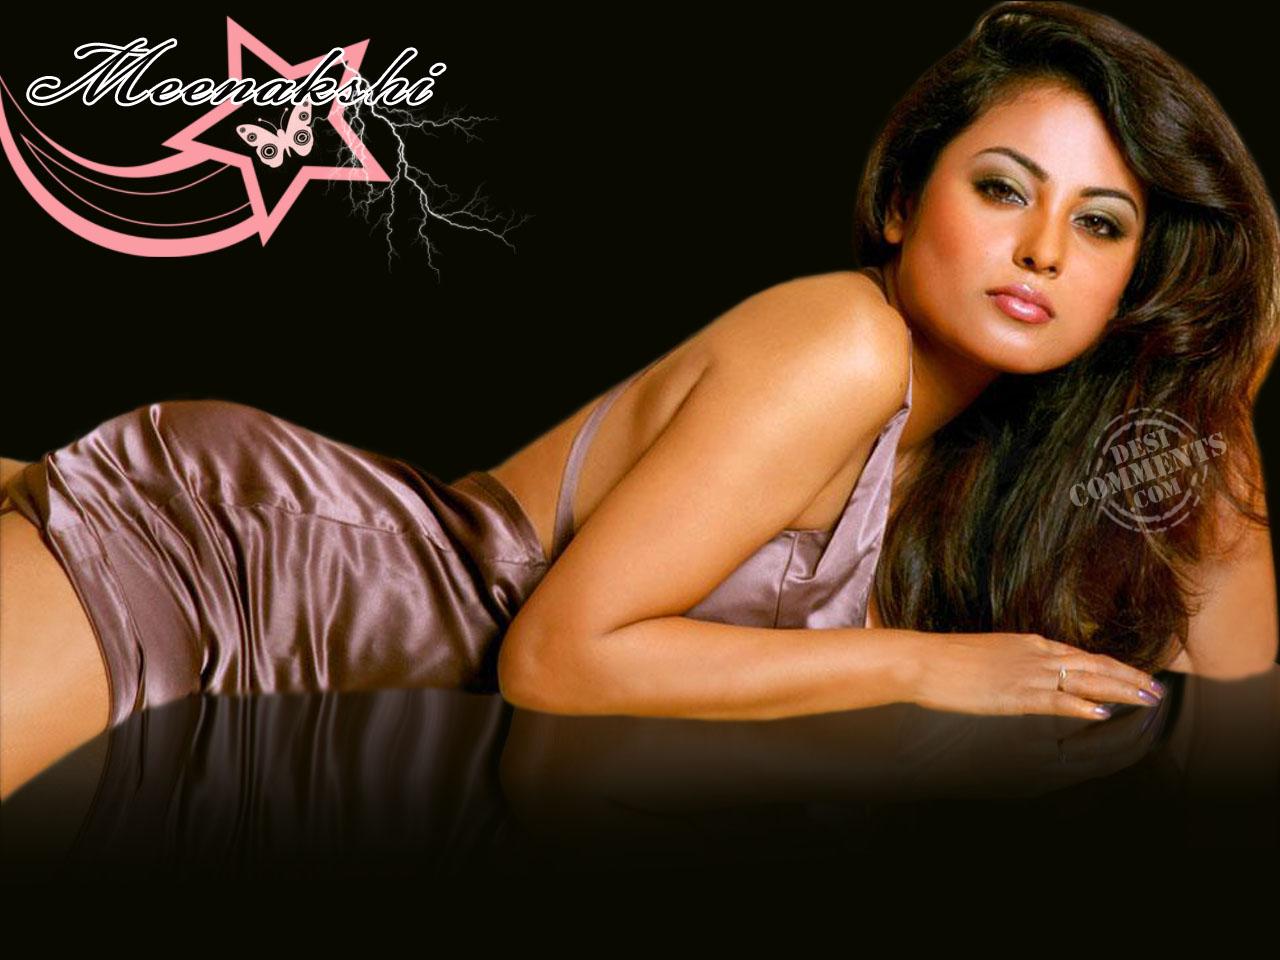 Amazing Meenakshi Pictures & Backgrounds